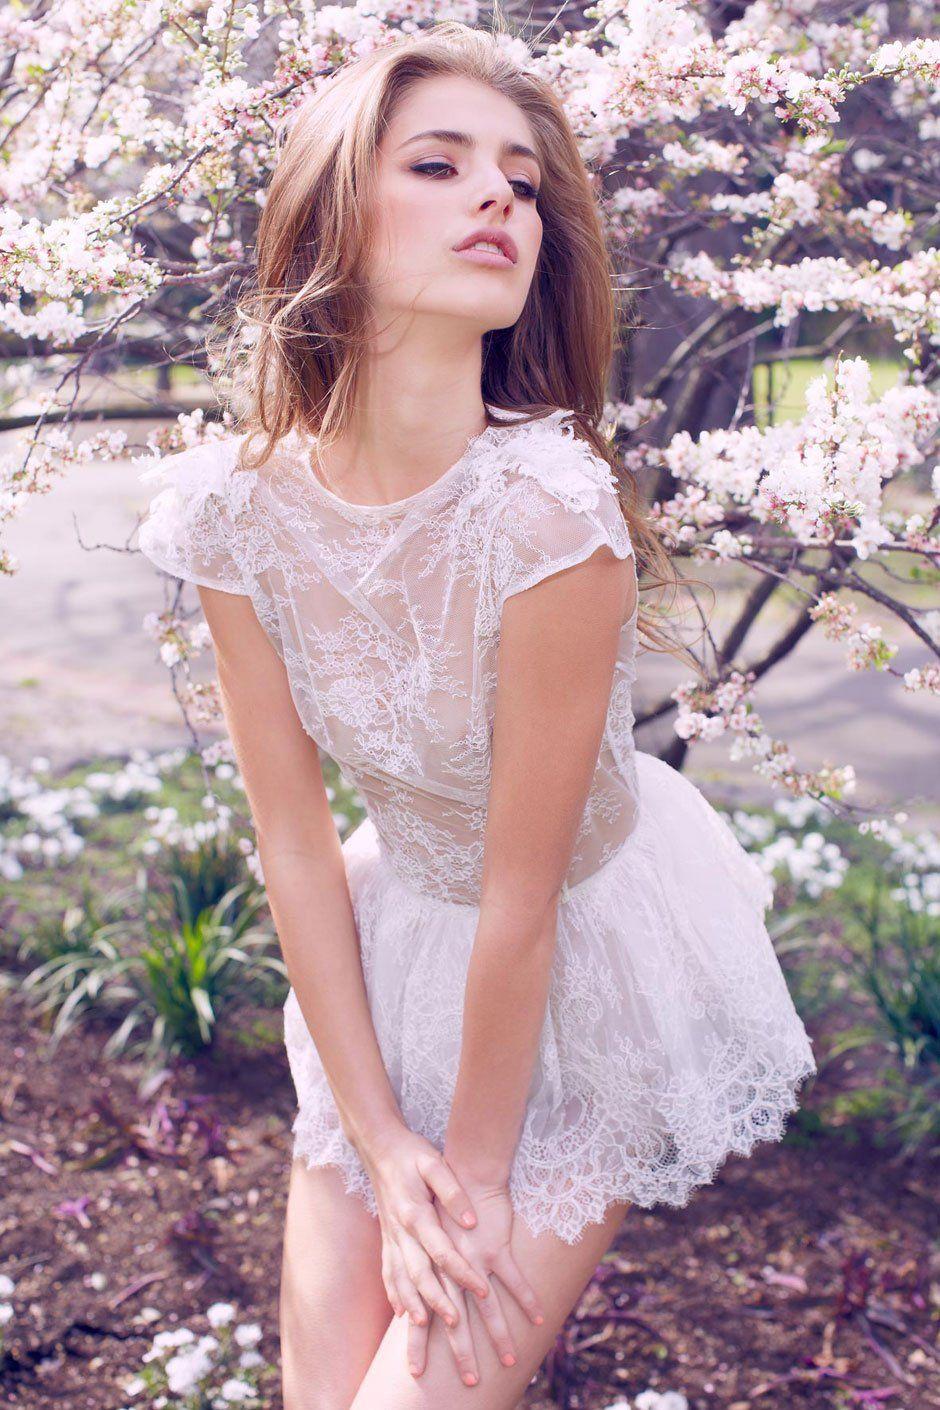 Lace dress / Karen Willis Holmes